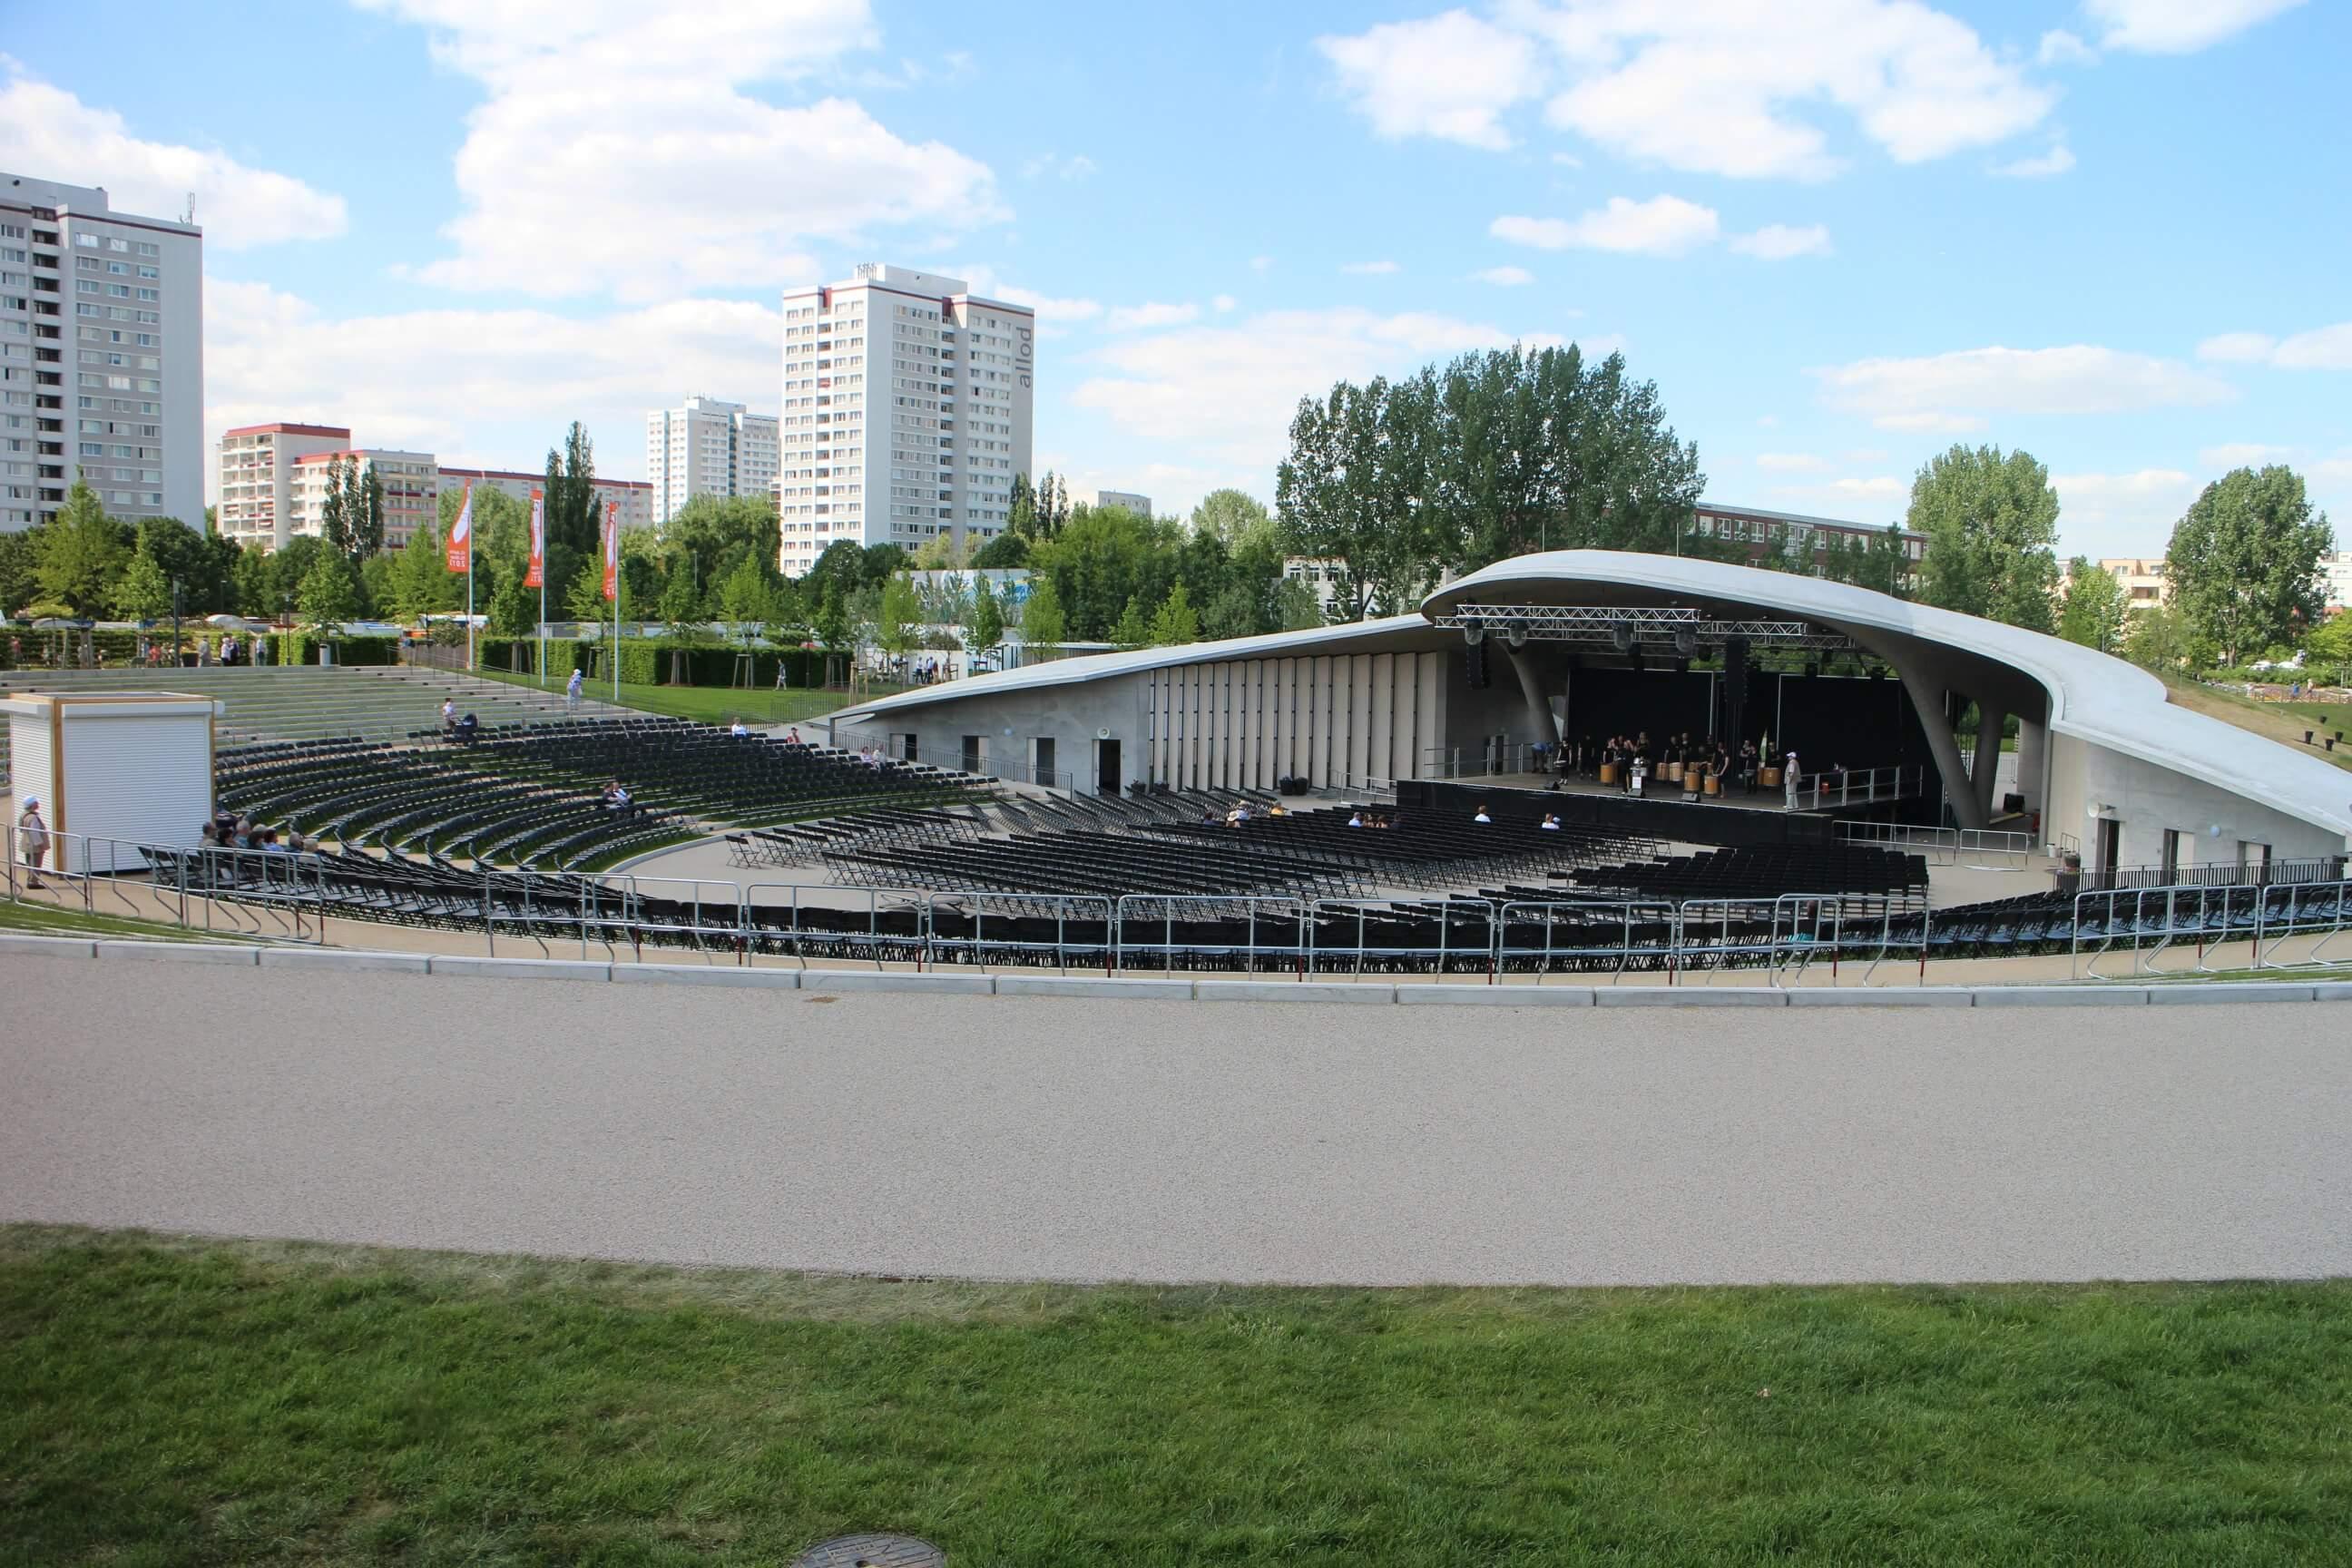 Arena openluchttheater Berlijn